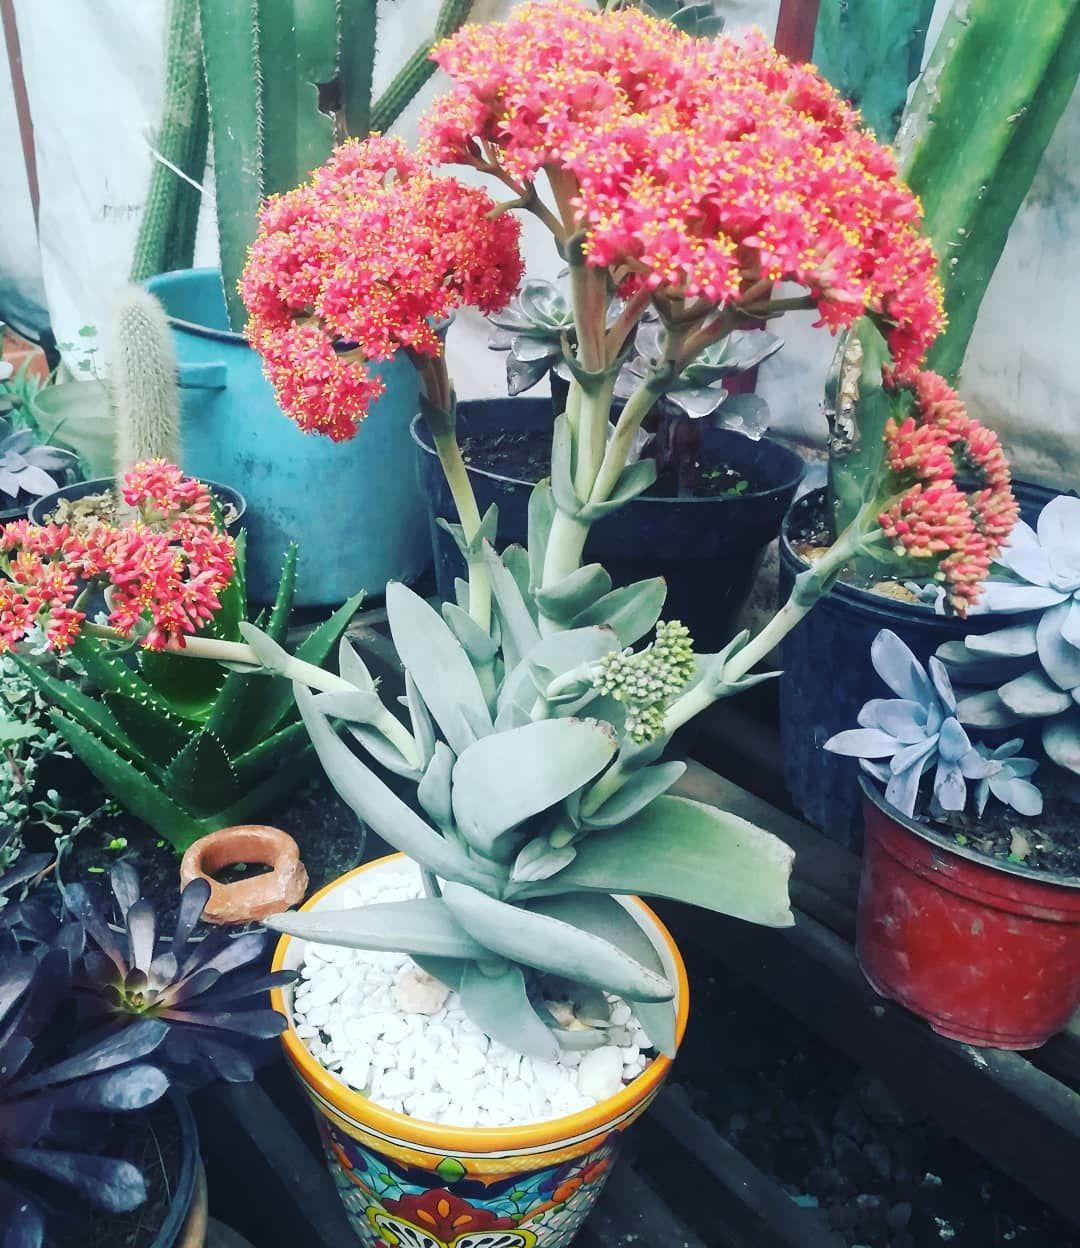 Aleta De Tiburón En Floración #crassulafalcata ... tout Vermiculite Jardin